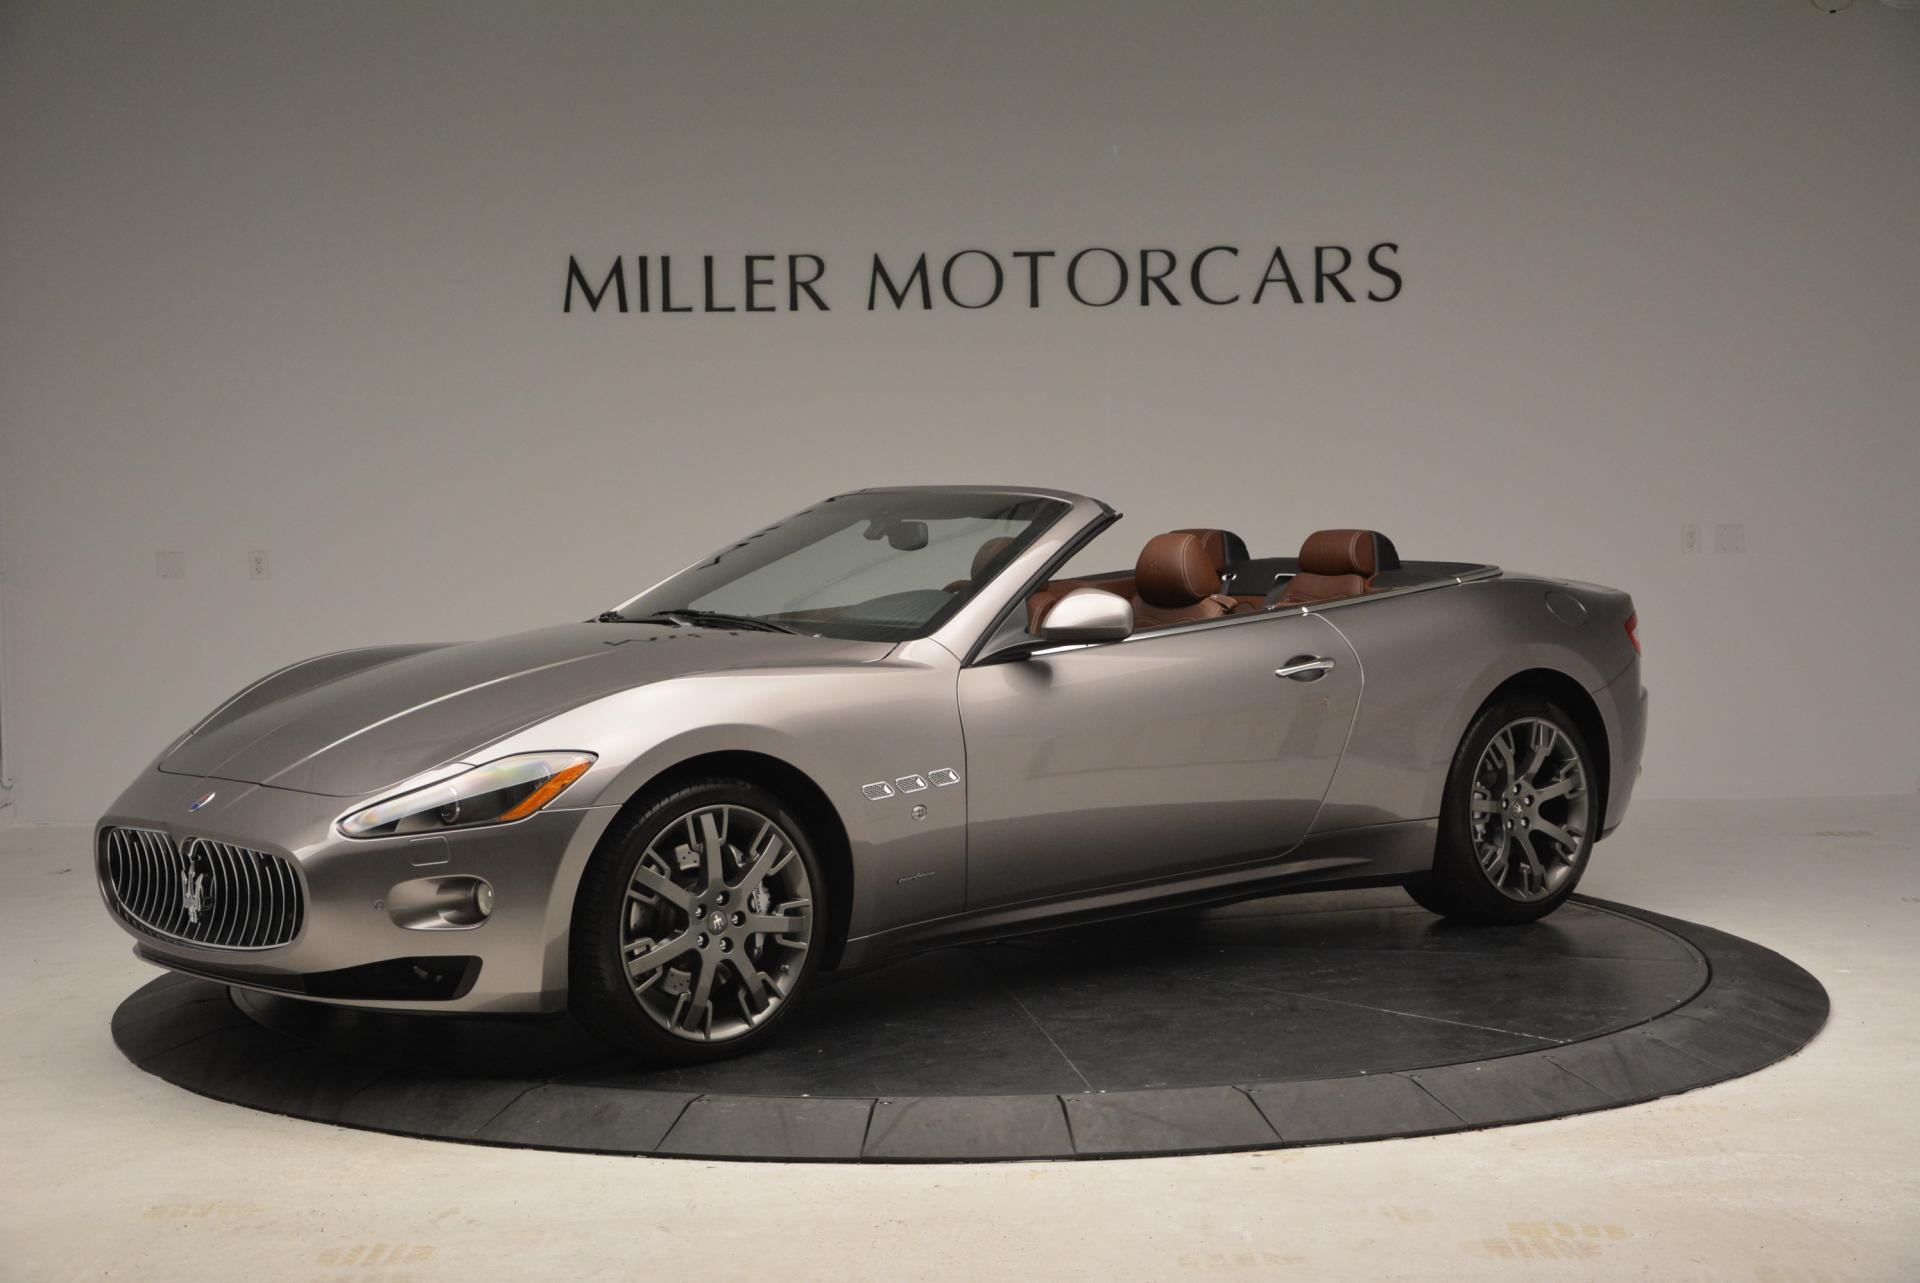 Used 2012 Maserati GranTurismo  For Sale In Westport, CT 157_p2